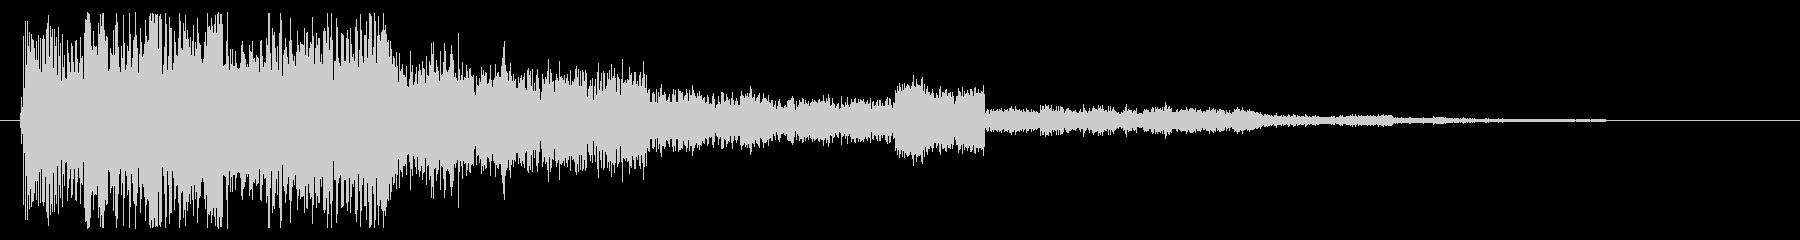 ファンタジックなセレクト音 スタート音の未再生の波形